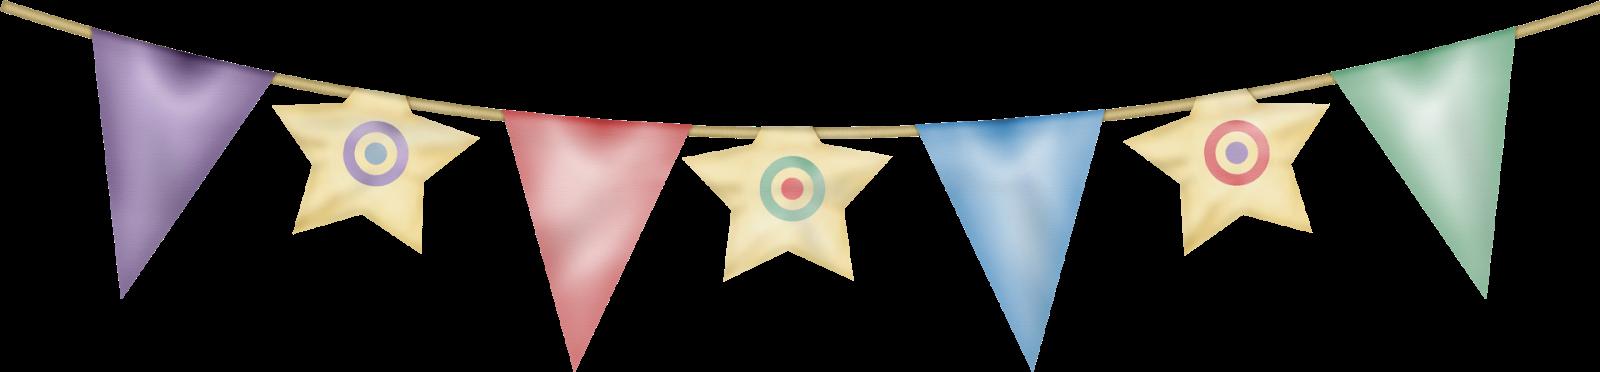 Sgblogosfera mar a jos arg eso cenefas de banderines - Cenefas decorativas infantiles ...